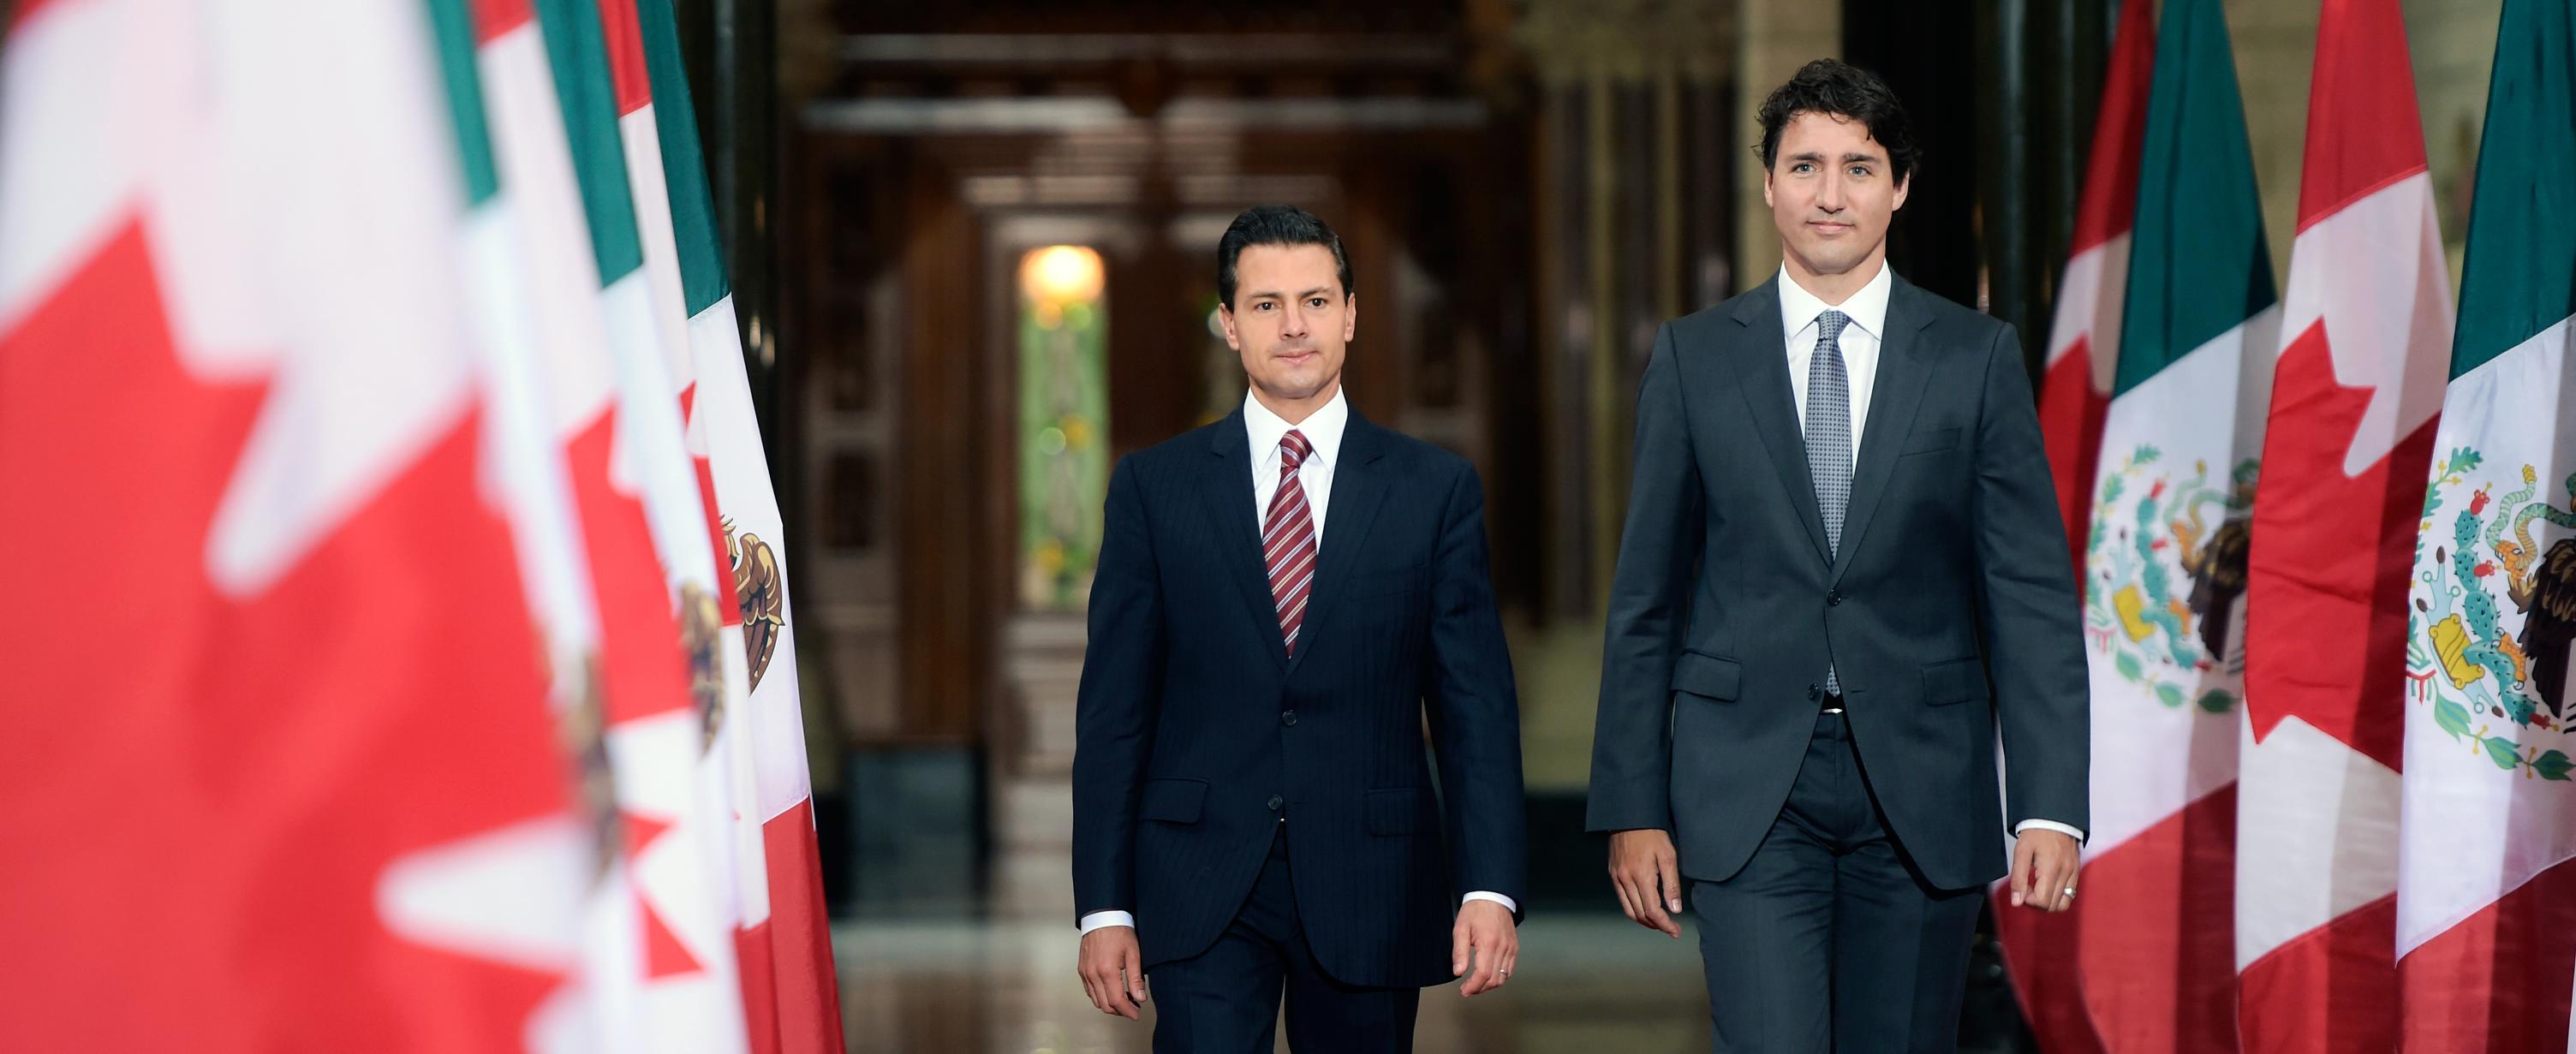 El Mandatario mexicano destacó que los lazos entre ambas sociedades cada día son más intensos y dinámicos.